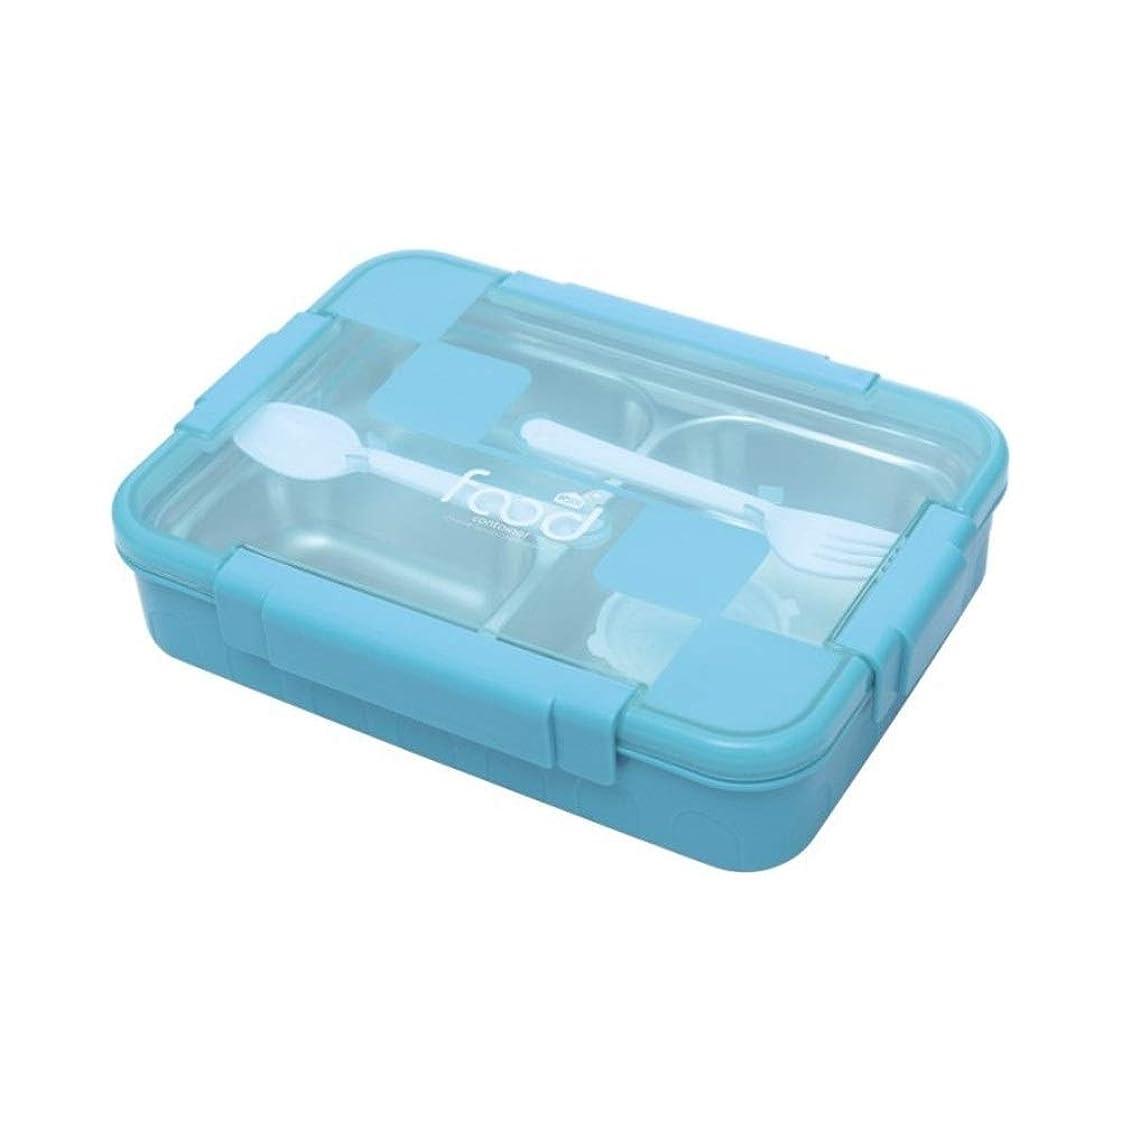 ジョイント組スペース弁当箱 スプーンとフォーク封印されたランチボックス水注射暖房304ステンレスランチボックス三グリッドランチボックス (Color : Blue, Size : 27x20x6cm)